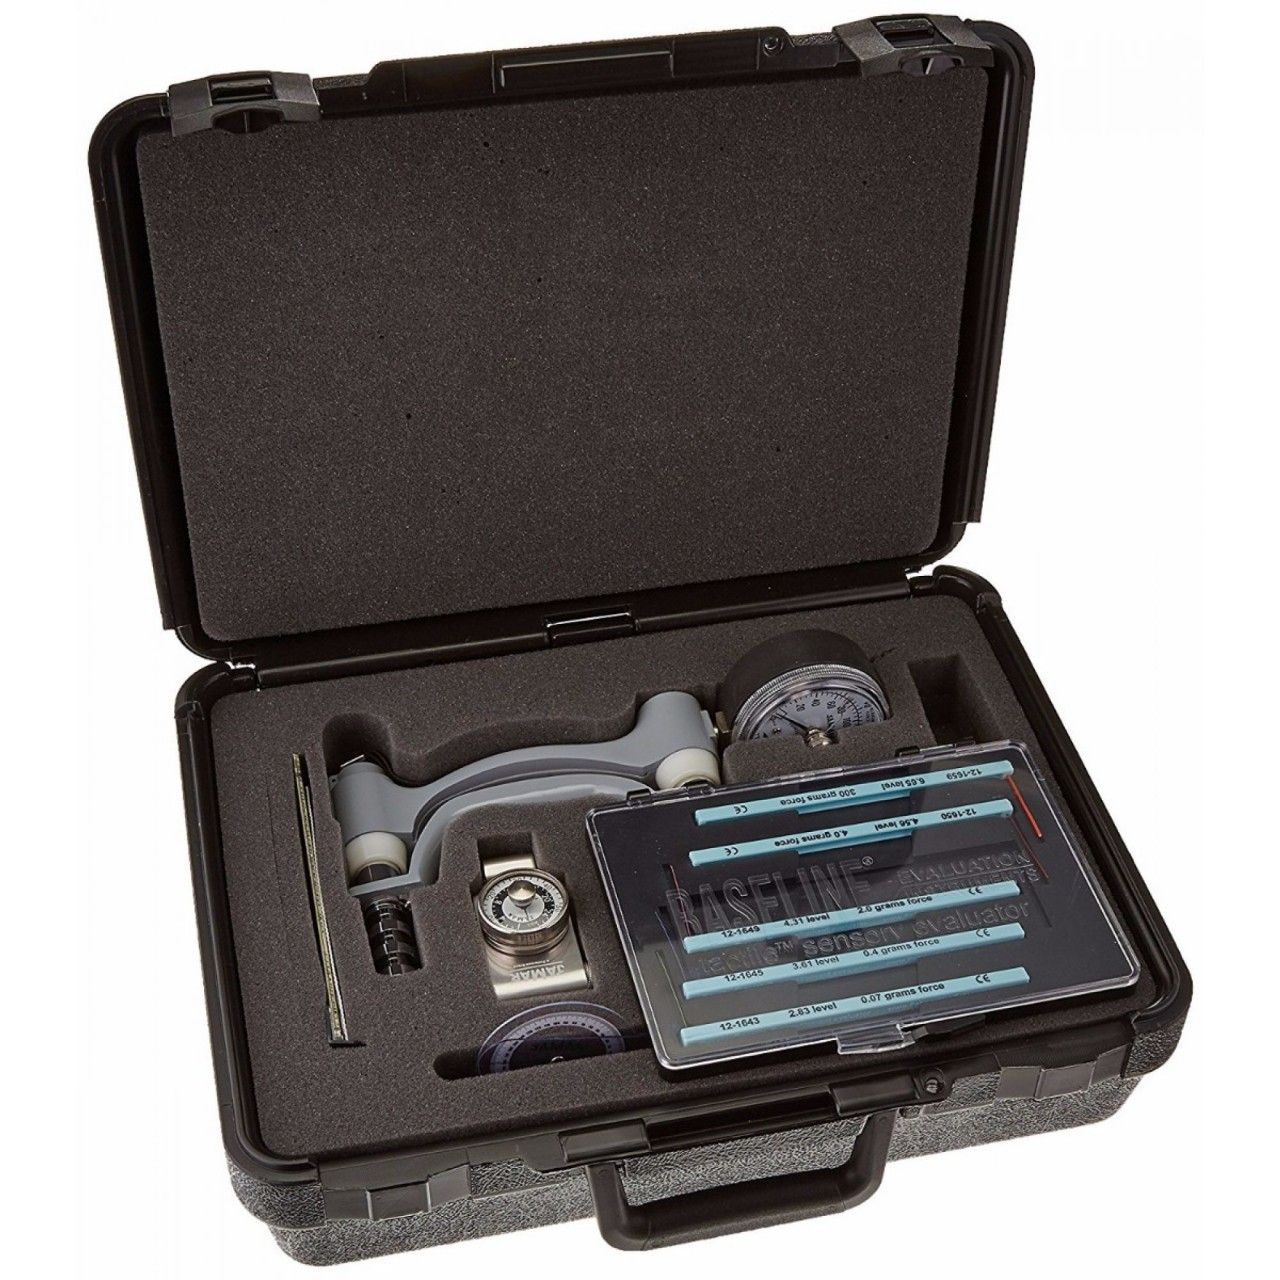 7448-jamar-hands-on-evaluation-kit-1